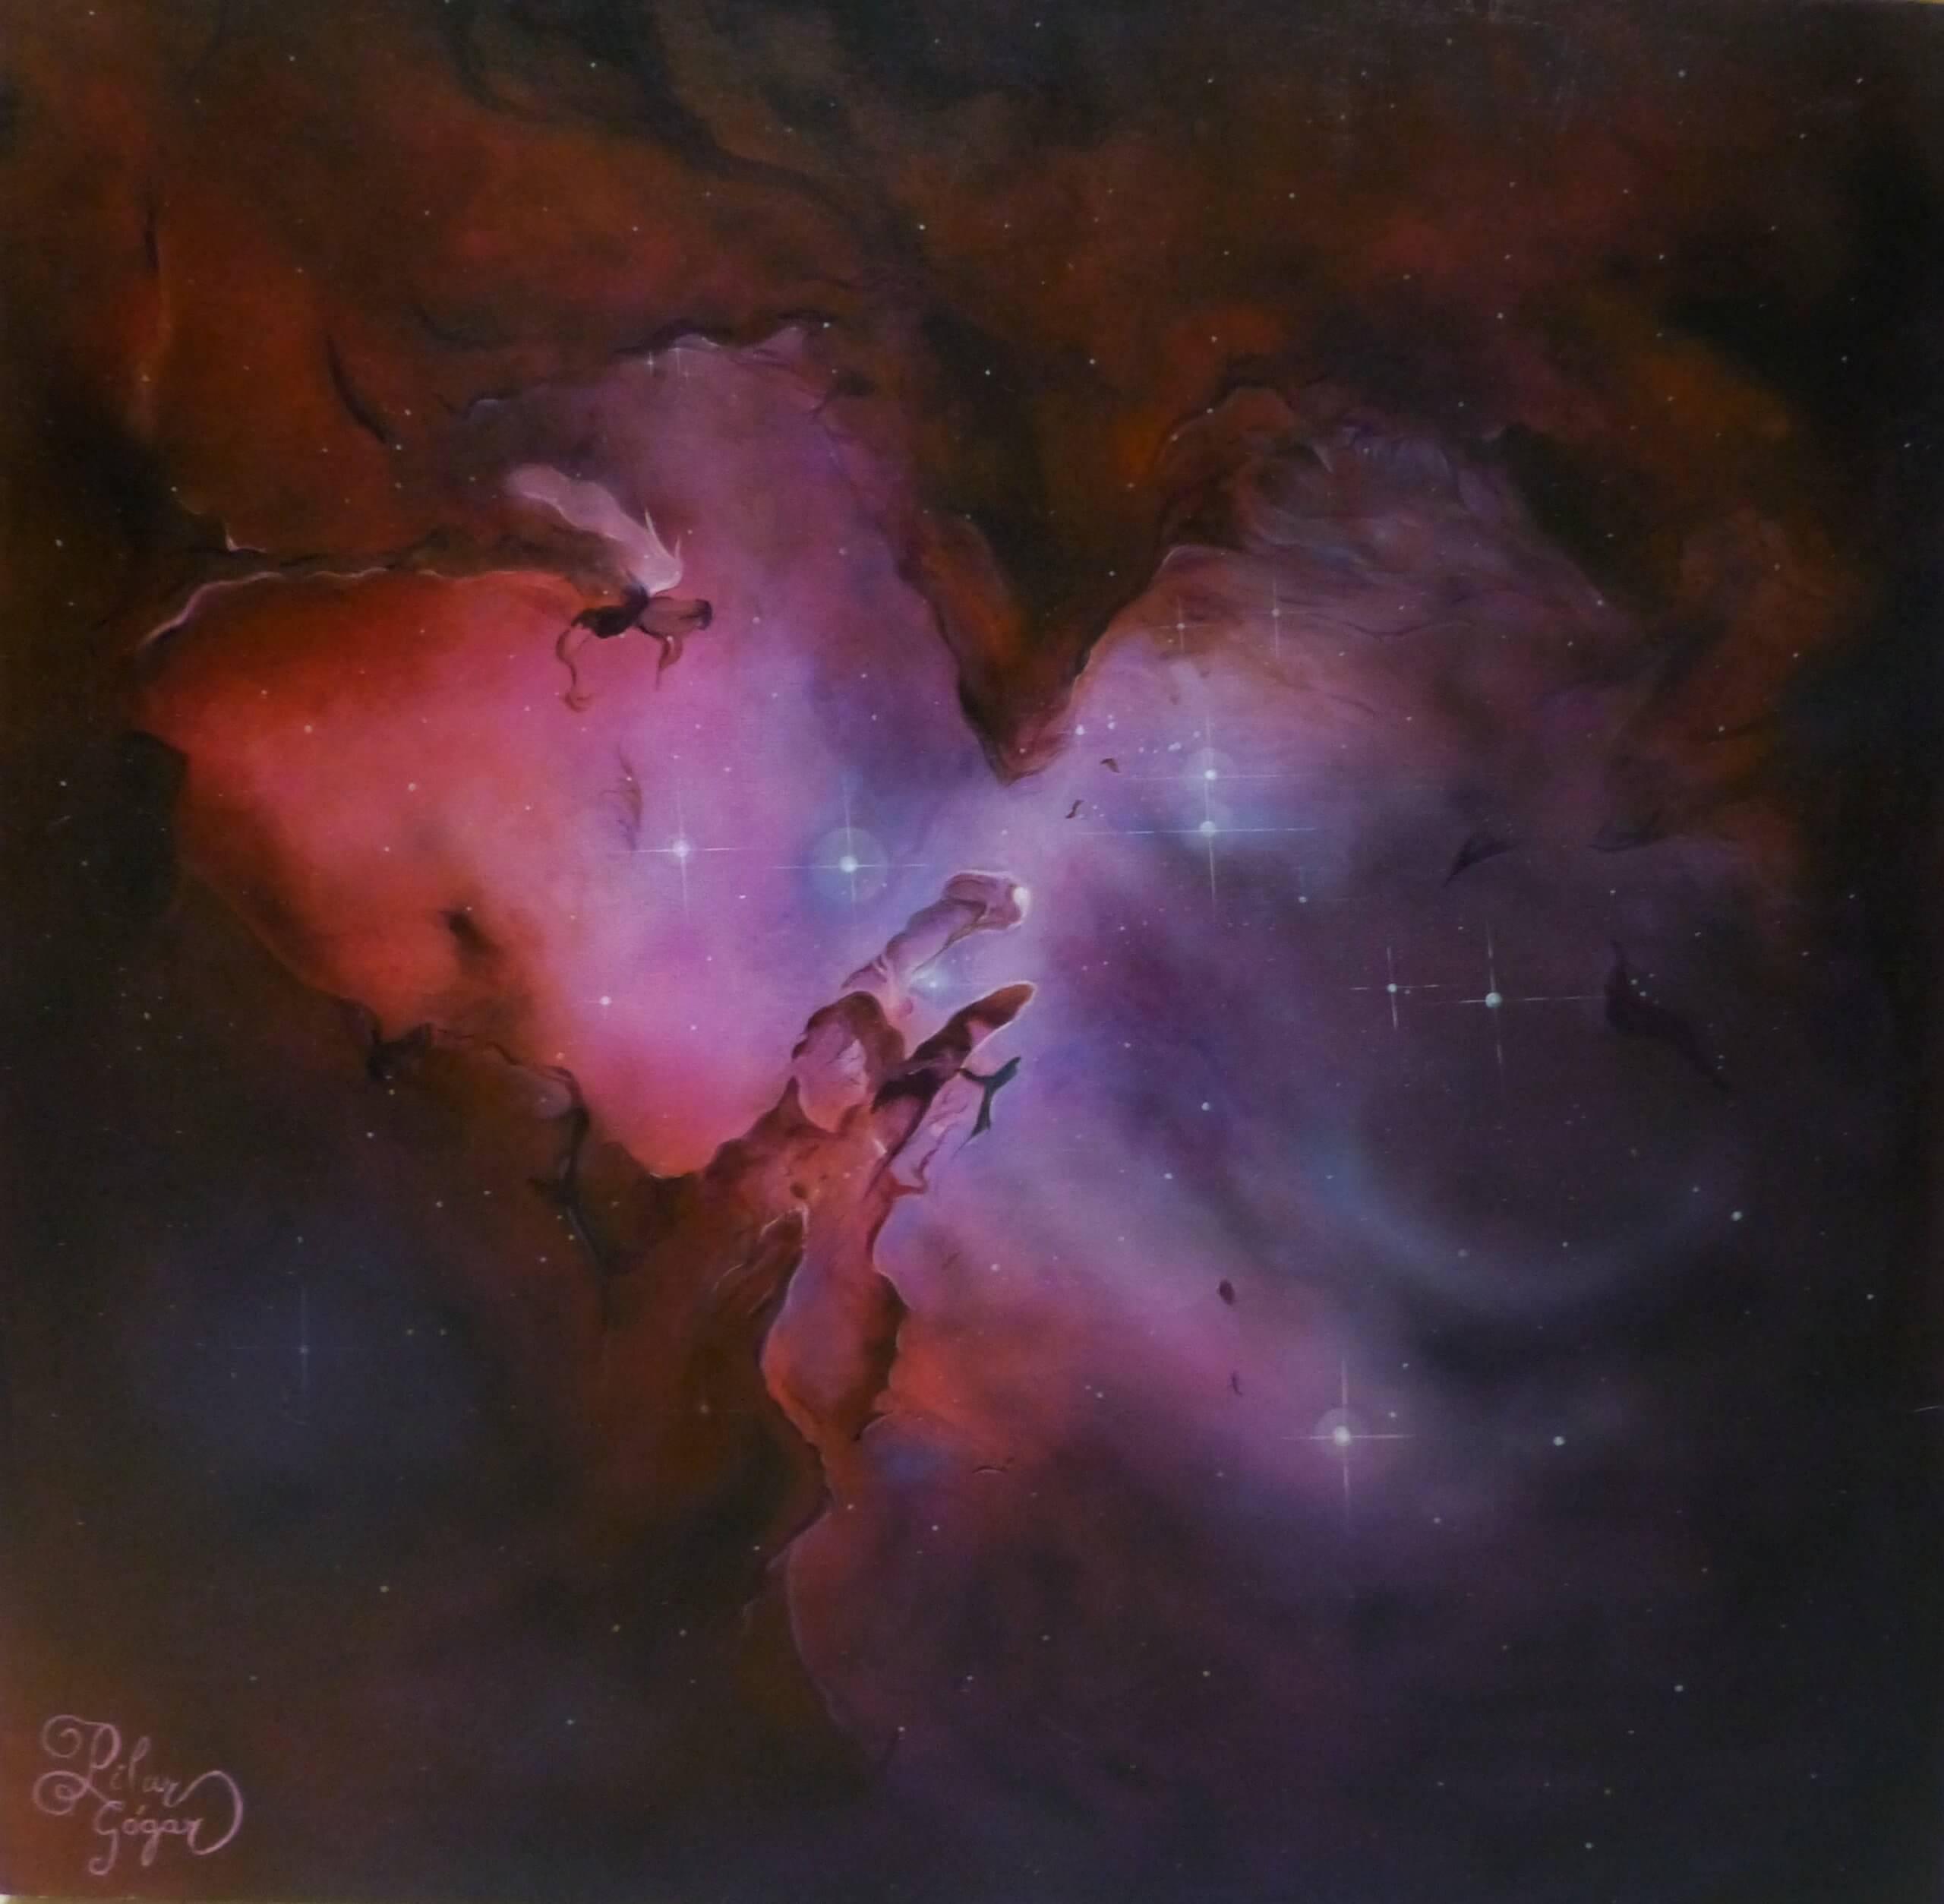 NGC6611 – Messier16